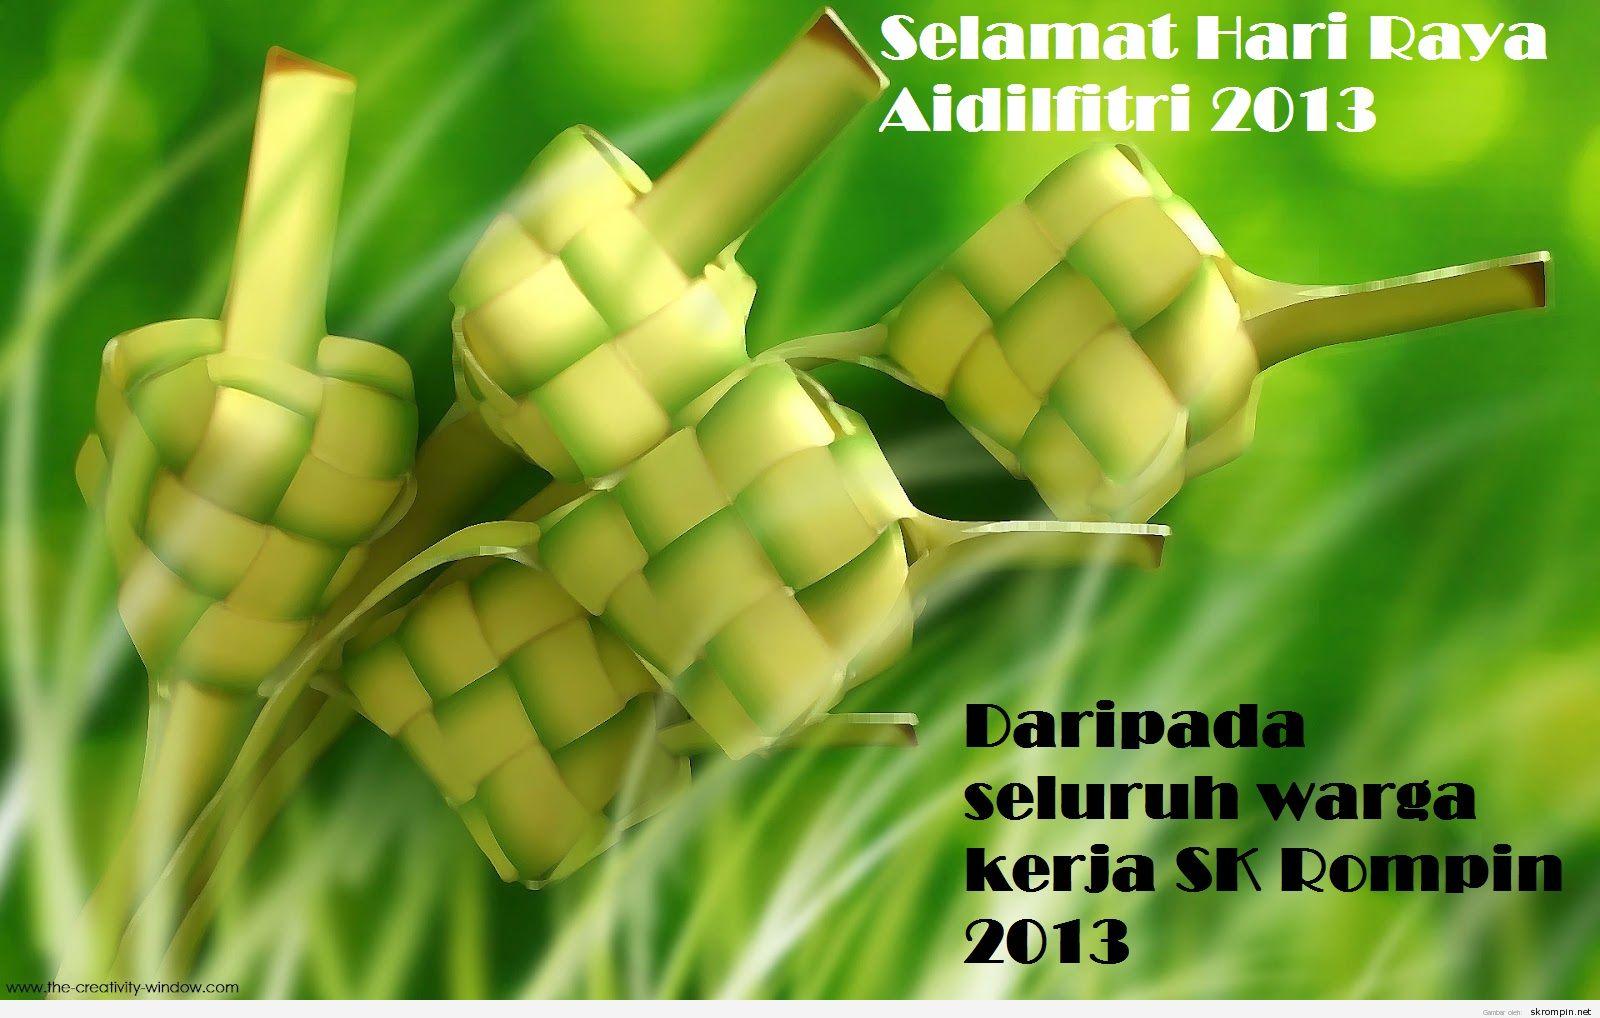 Selamat Hari Raya Aidilfitri 2013